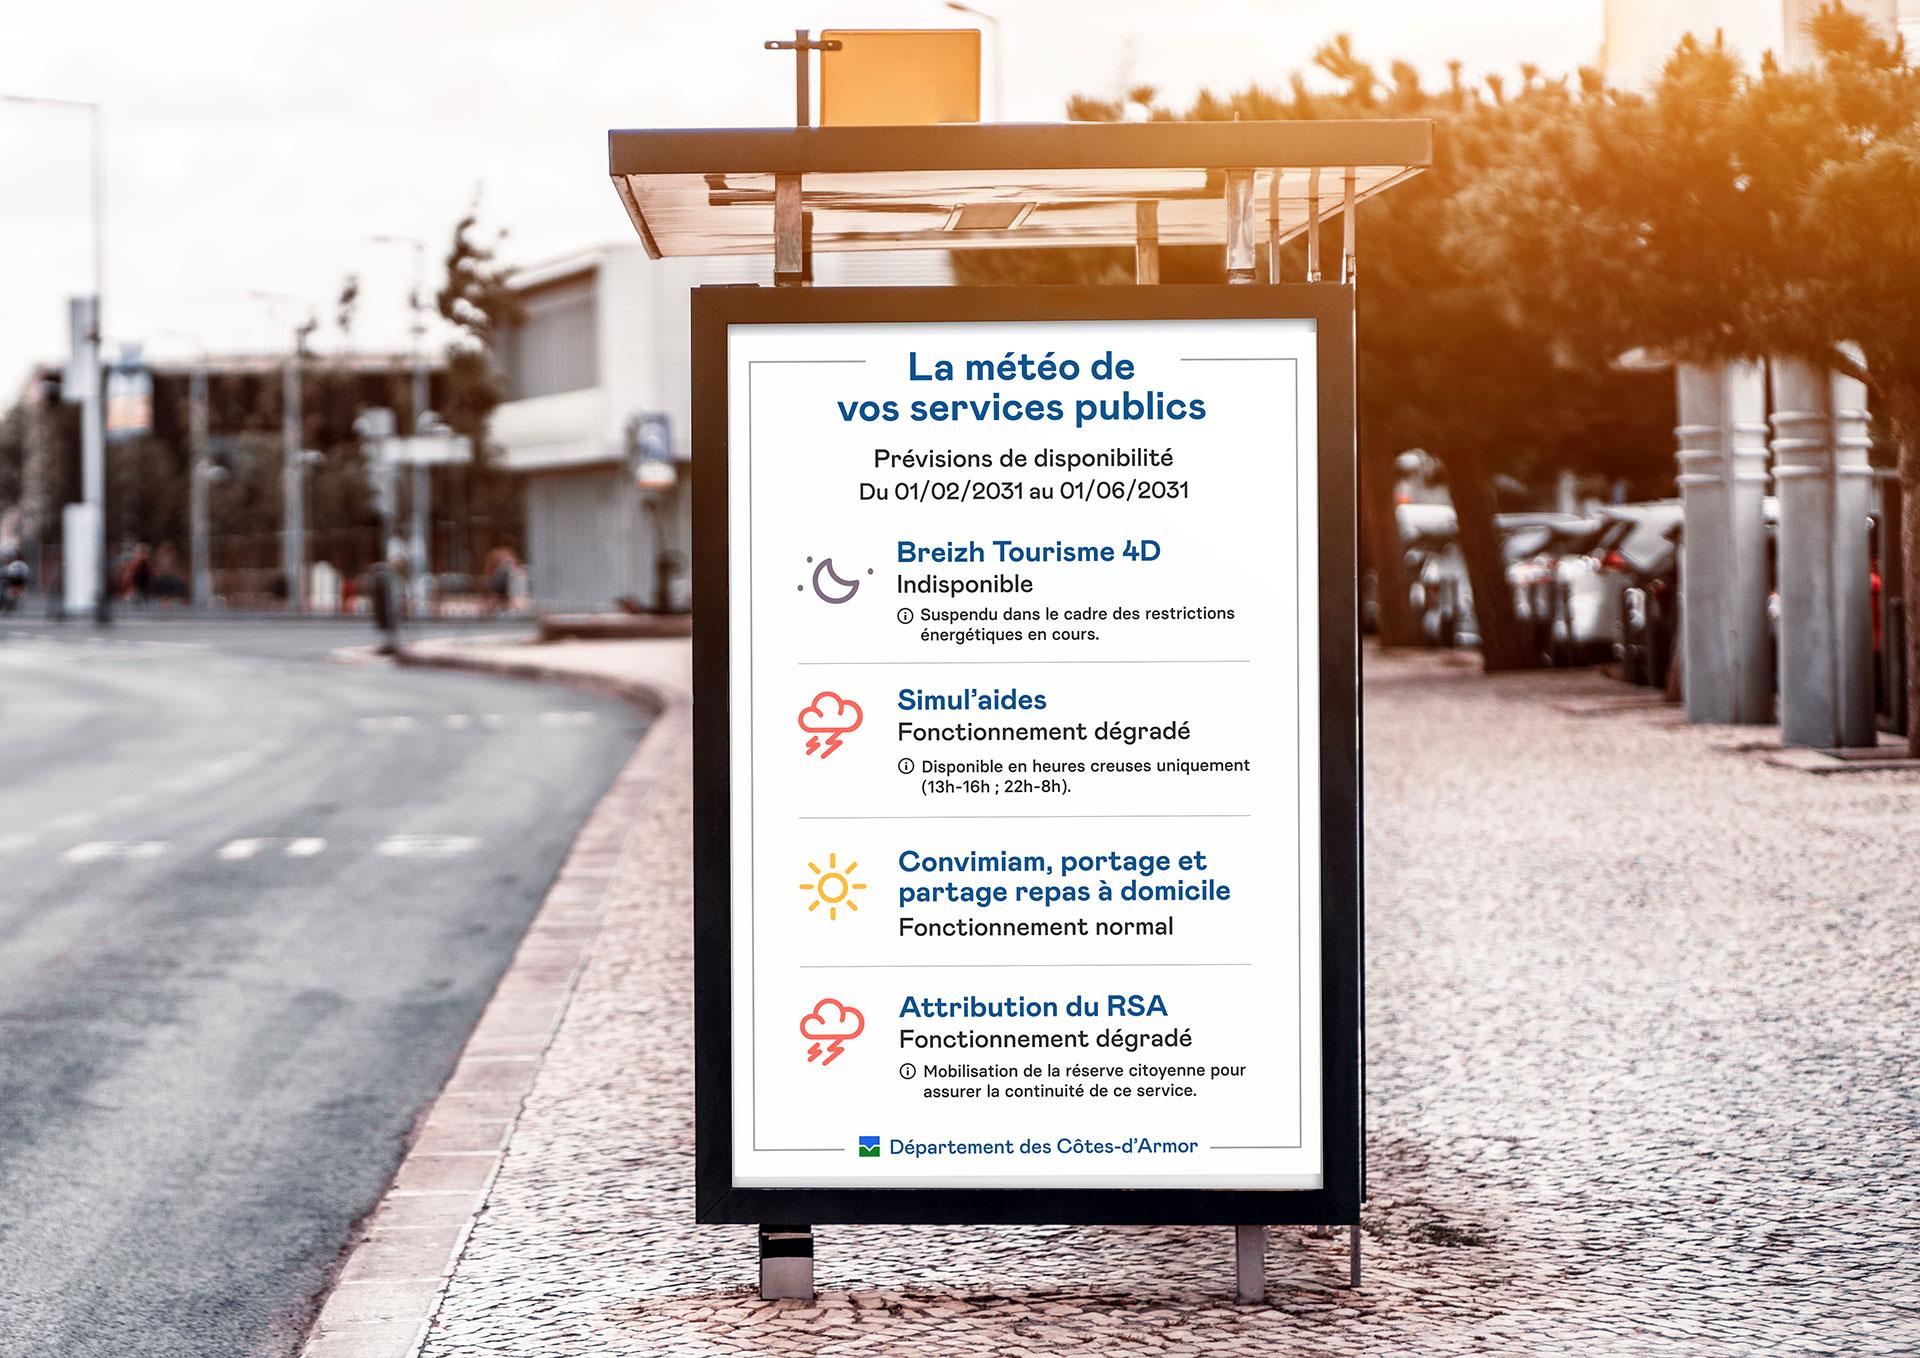 Affichage de la météo des services publics dans l'espace public, selon la disponibilité des services numériques et algorithmes